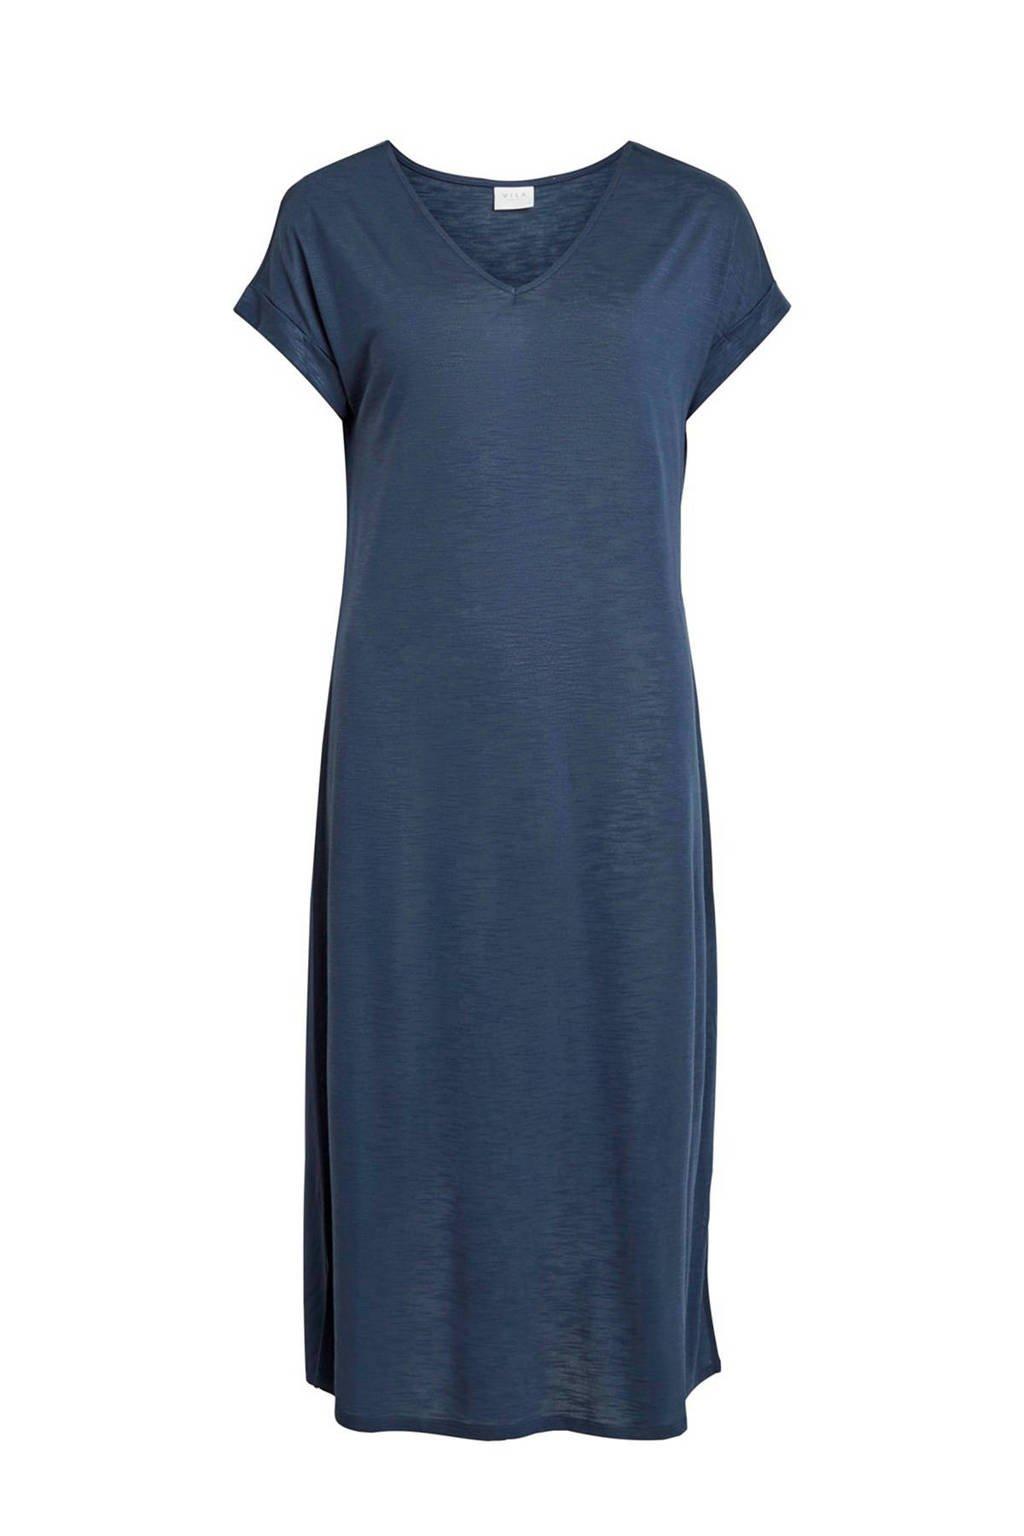 VILA jersey jurk, Donkerblauw